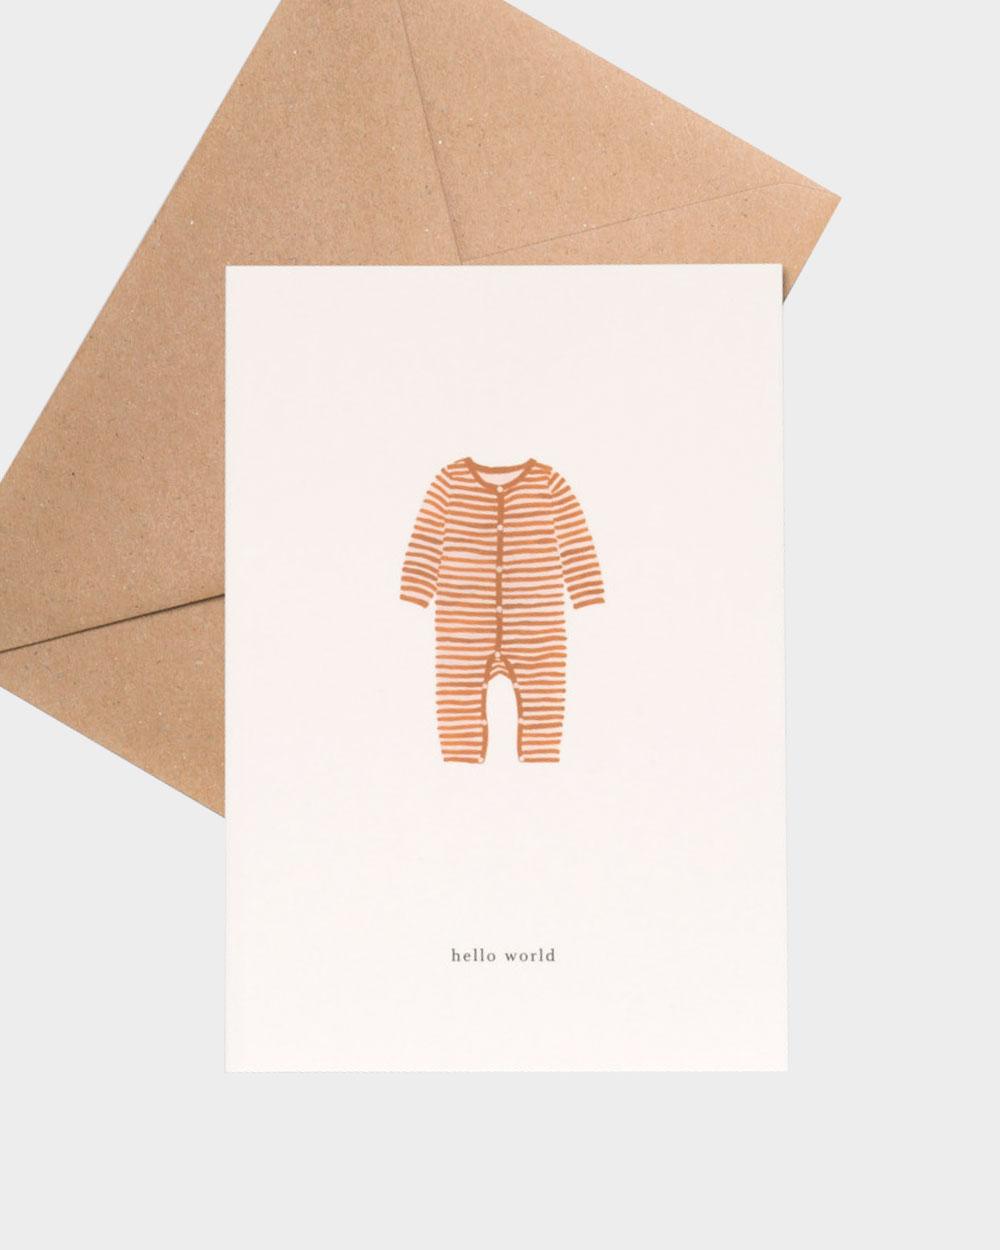 Baby onesie vauvakortti